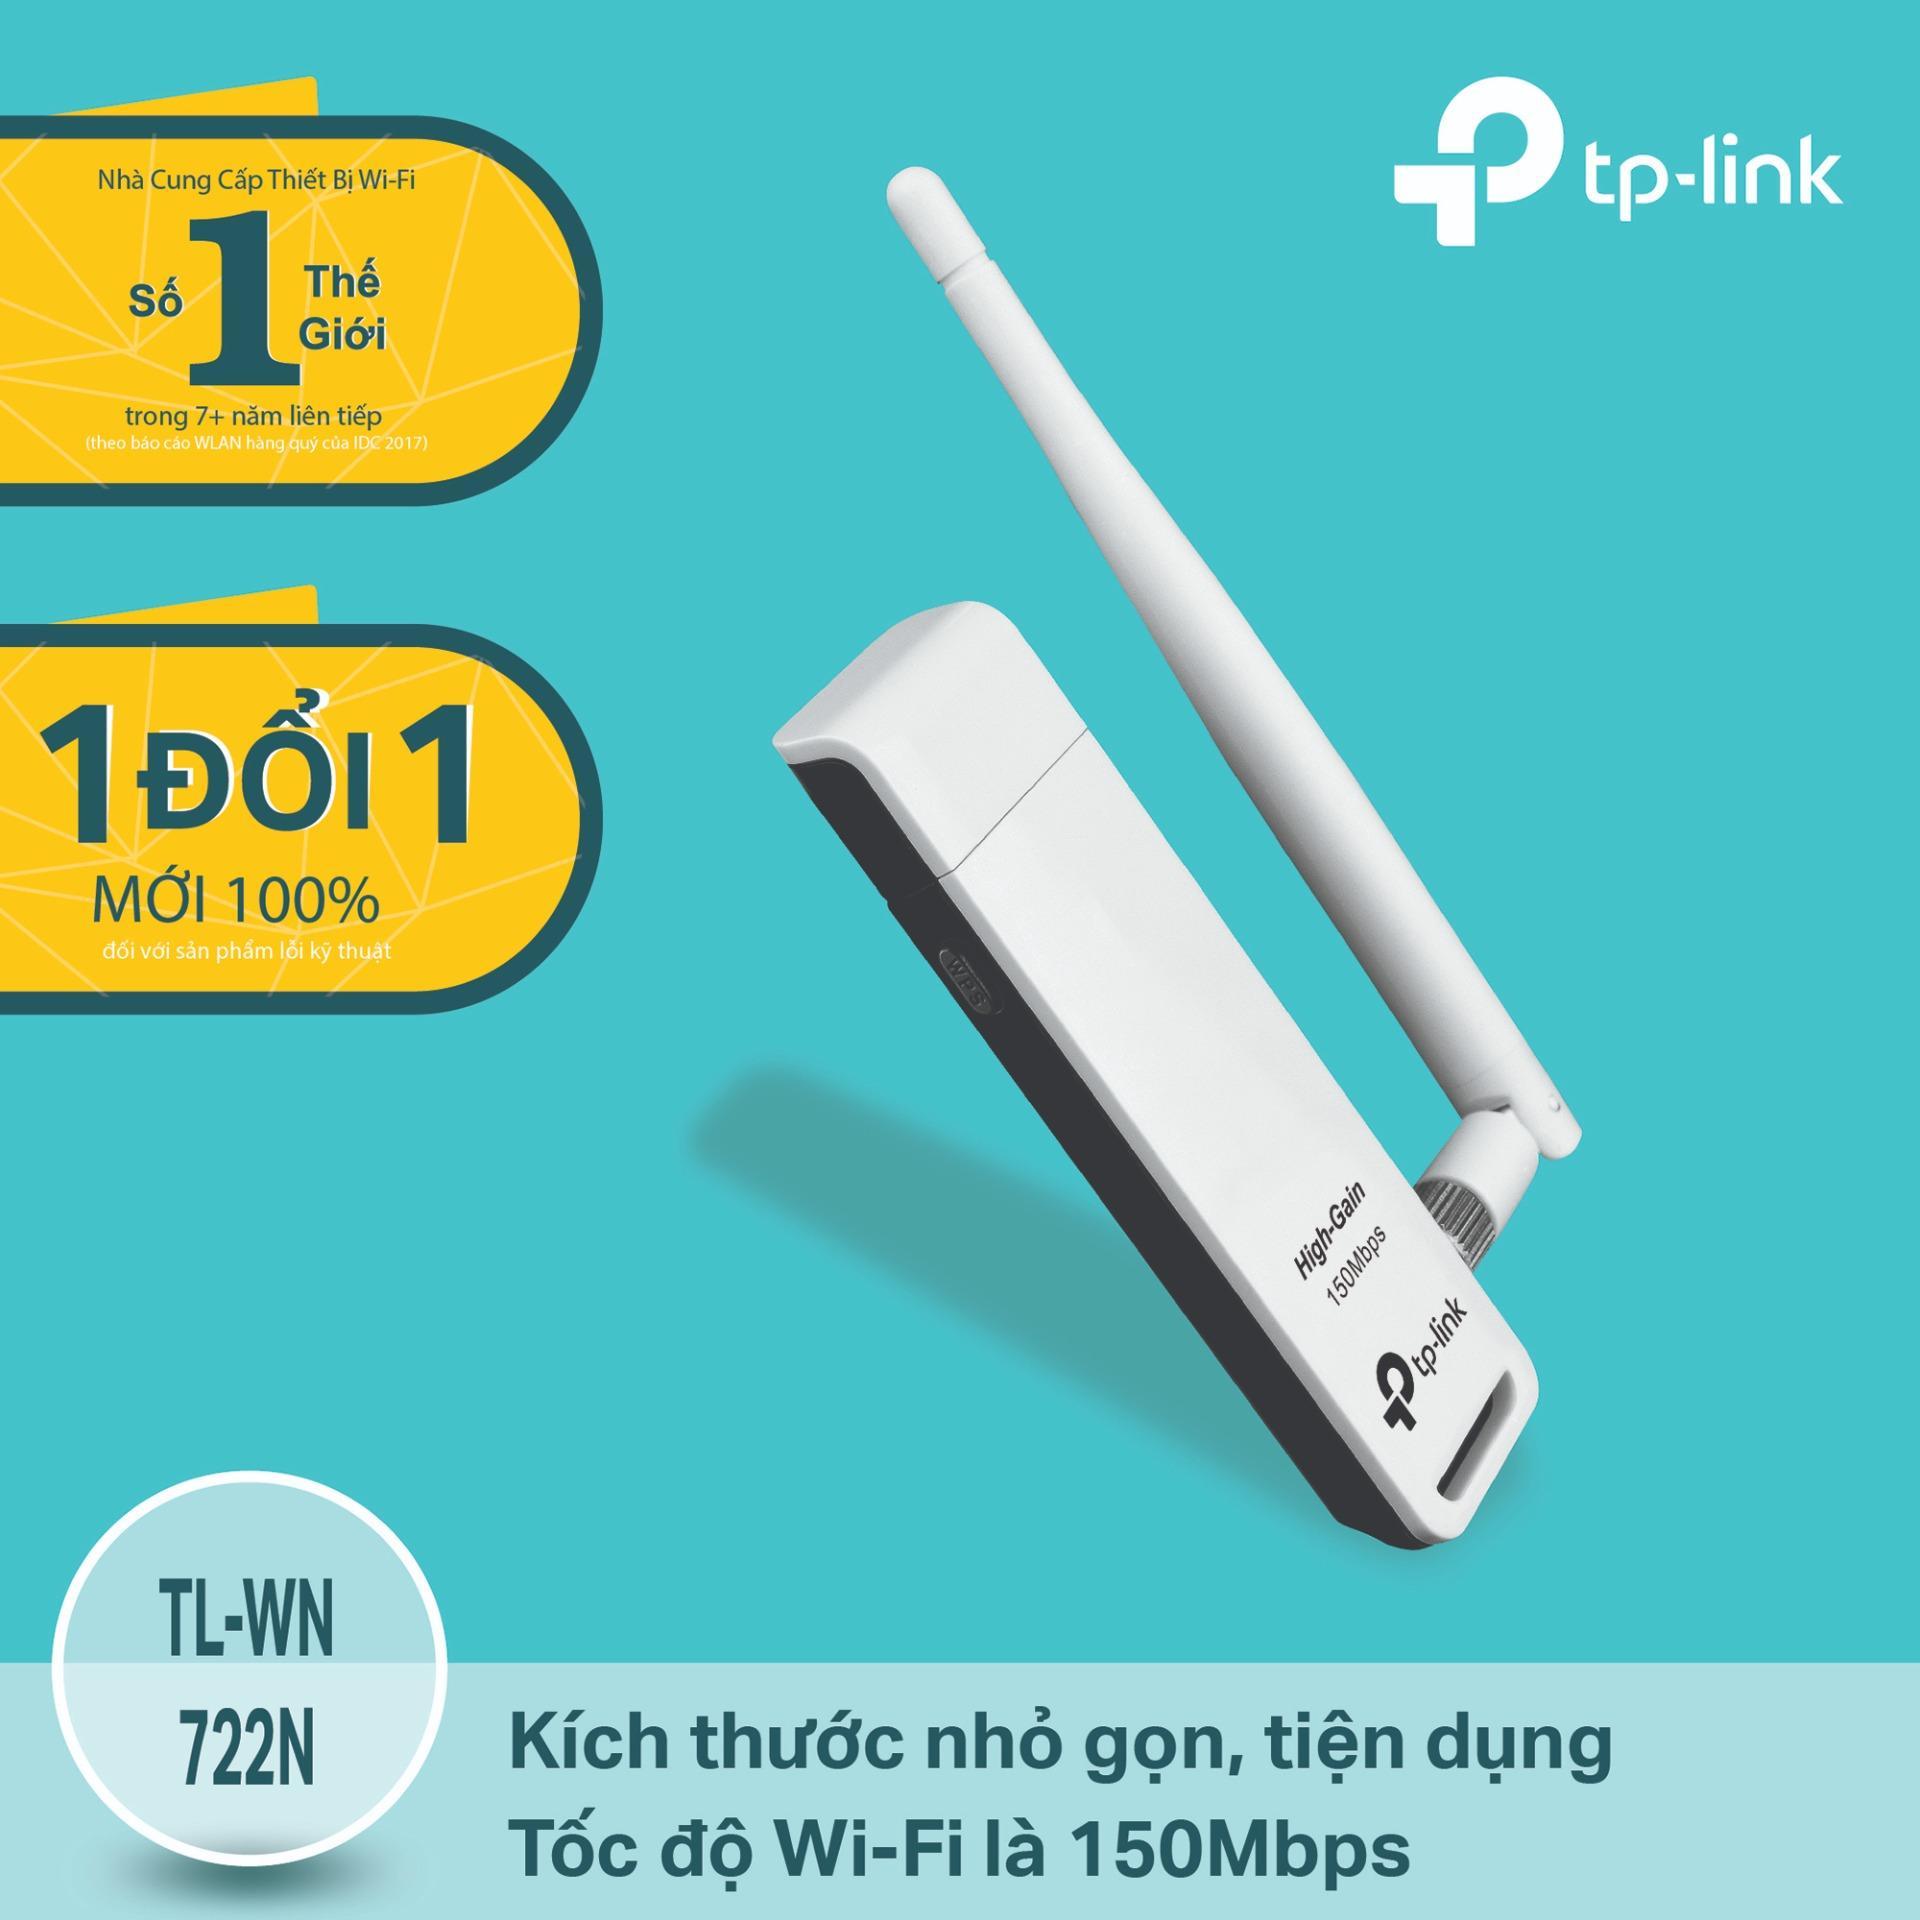 Bán Tp Link Tl Wn722N Usb Kết Nối Wi Fi Chuẩn N 150Mbps Độ Lợi Cao Hang Phan Phối Chinh Thức Rẻ Trong Hồ Chí Minh